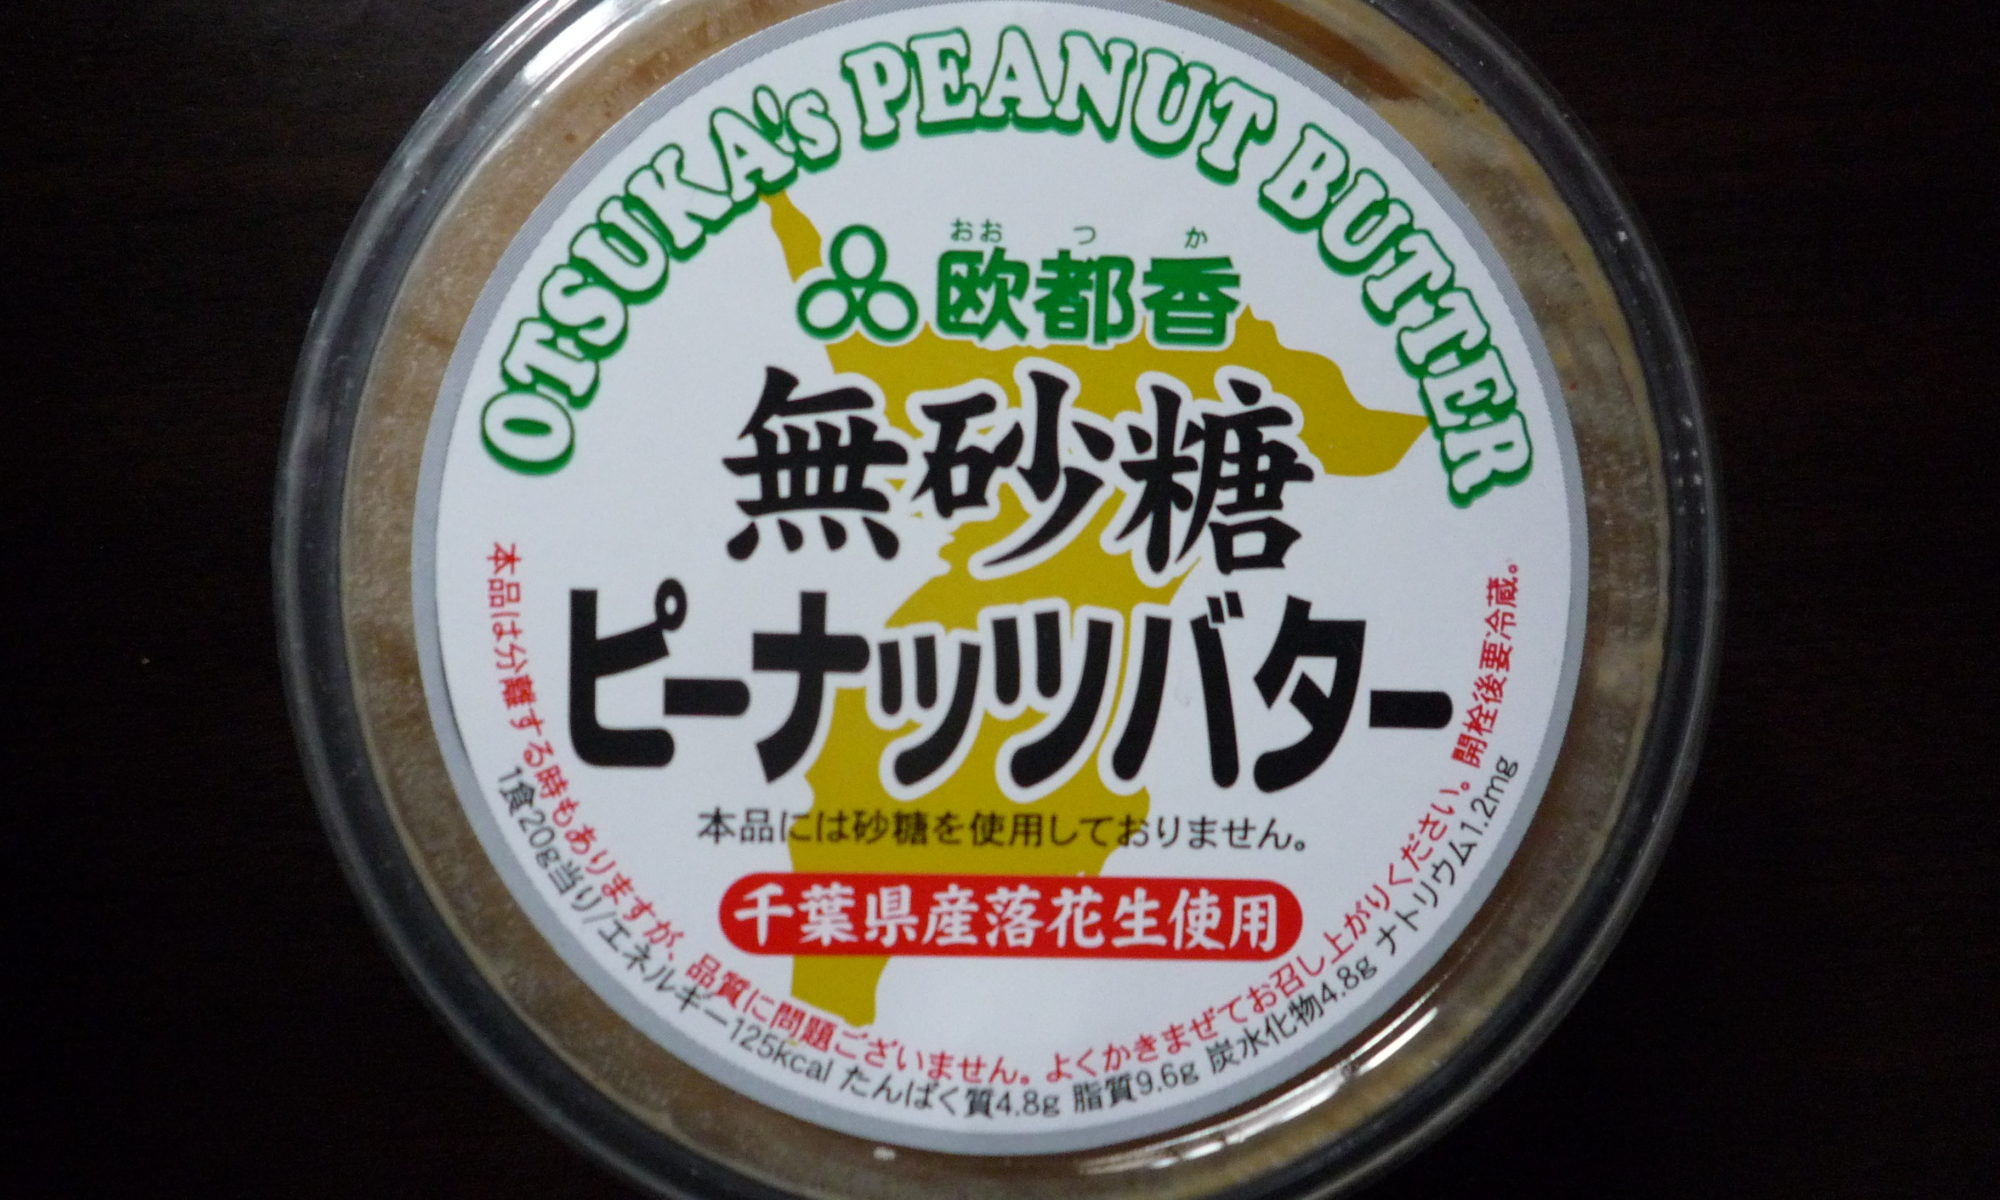 欧都香 ピーナッツバター